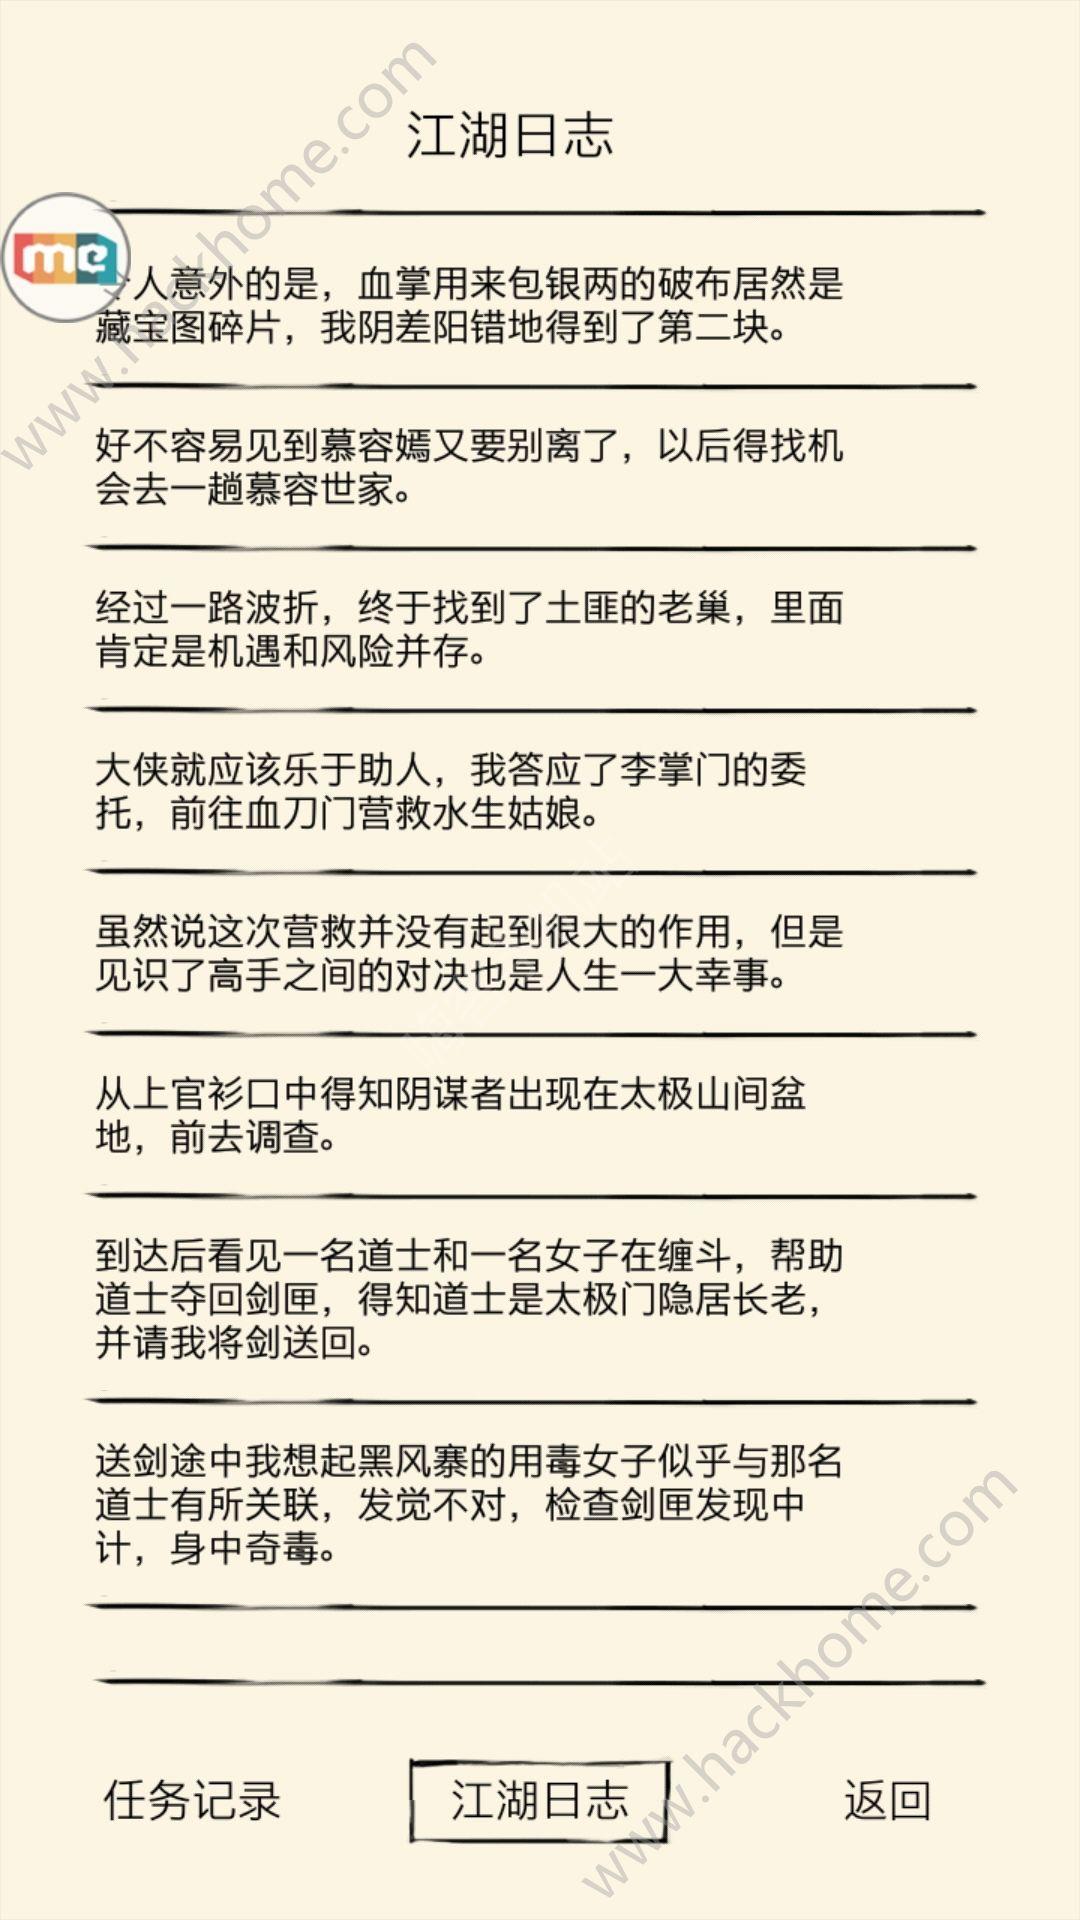 暴走英雄坛任务大全 暴走英雄坛全任务流程详解[多图]图片3